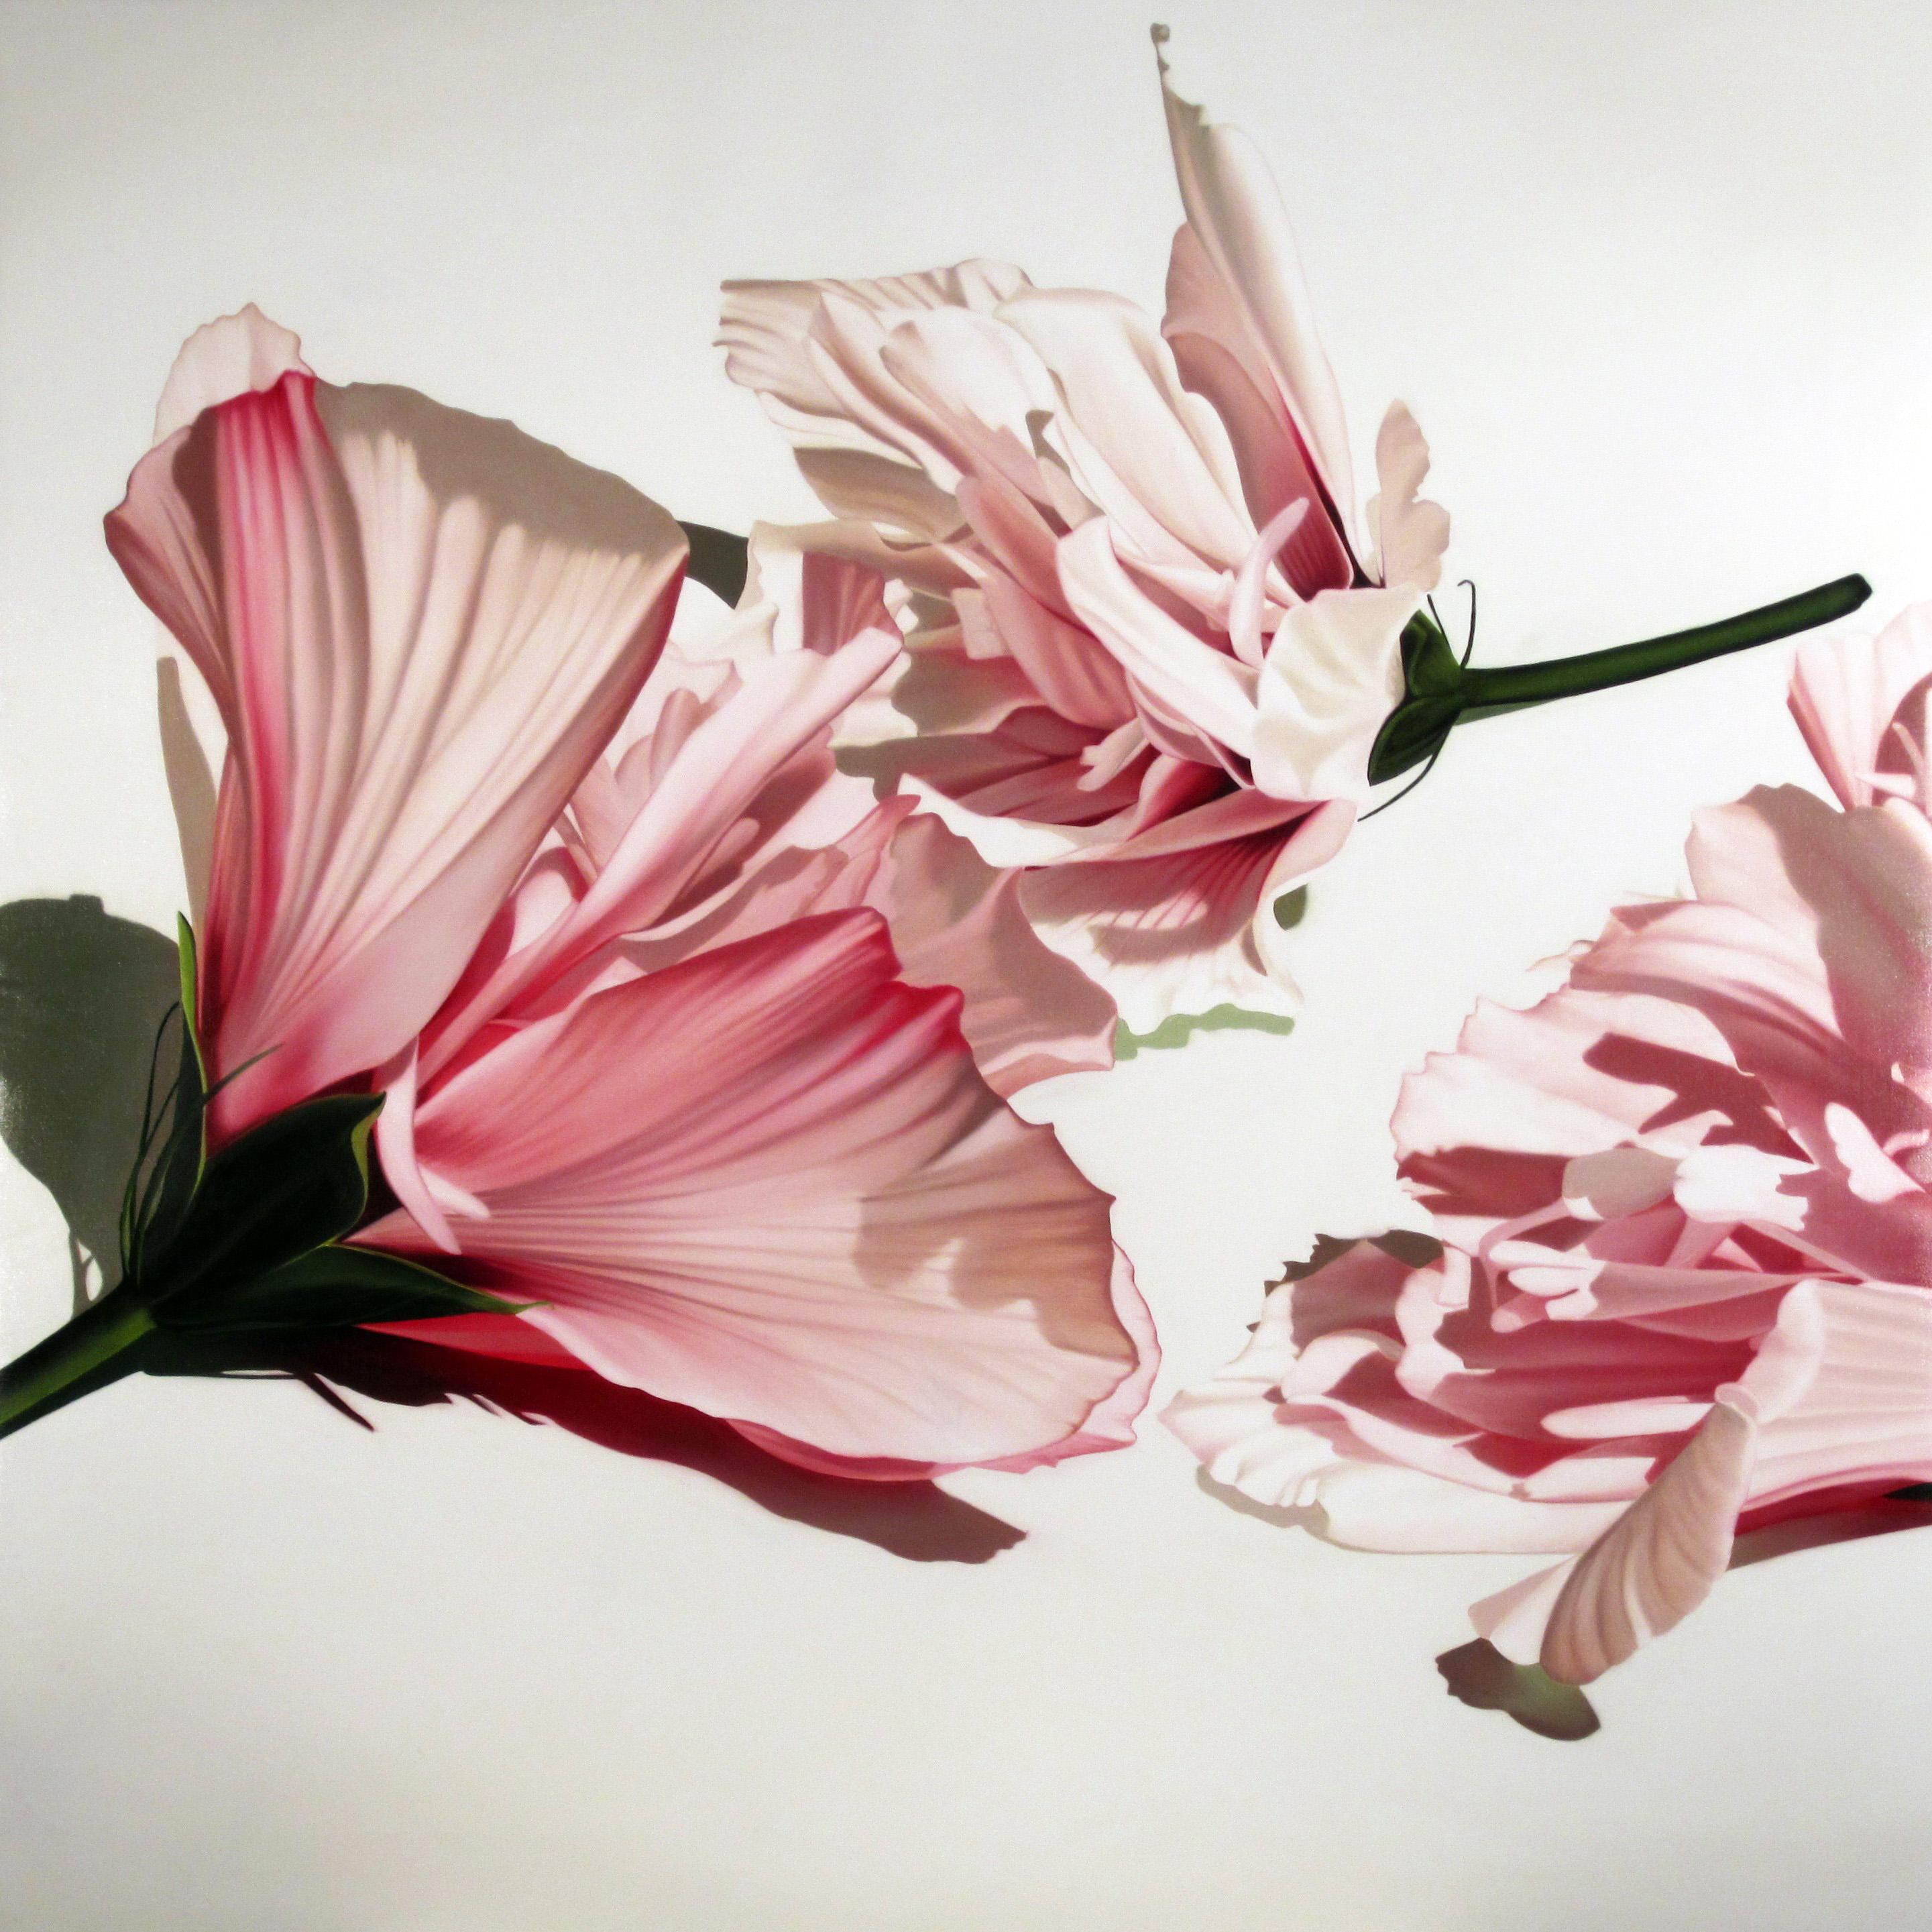 Casagrande&Recalcati, Ipervanitas V, 2013, olio su tela, cm 100x100